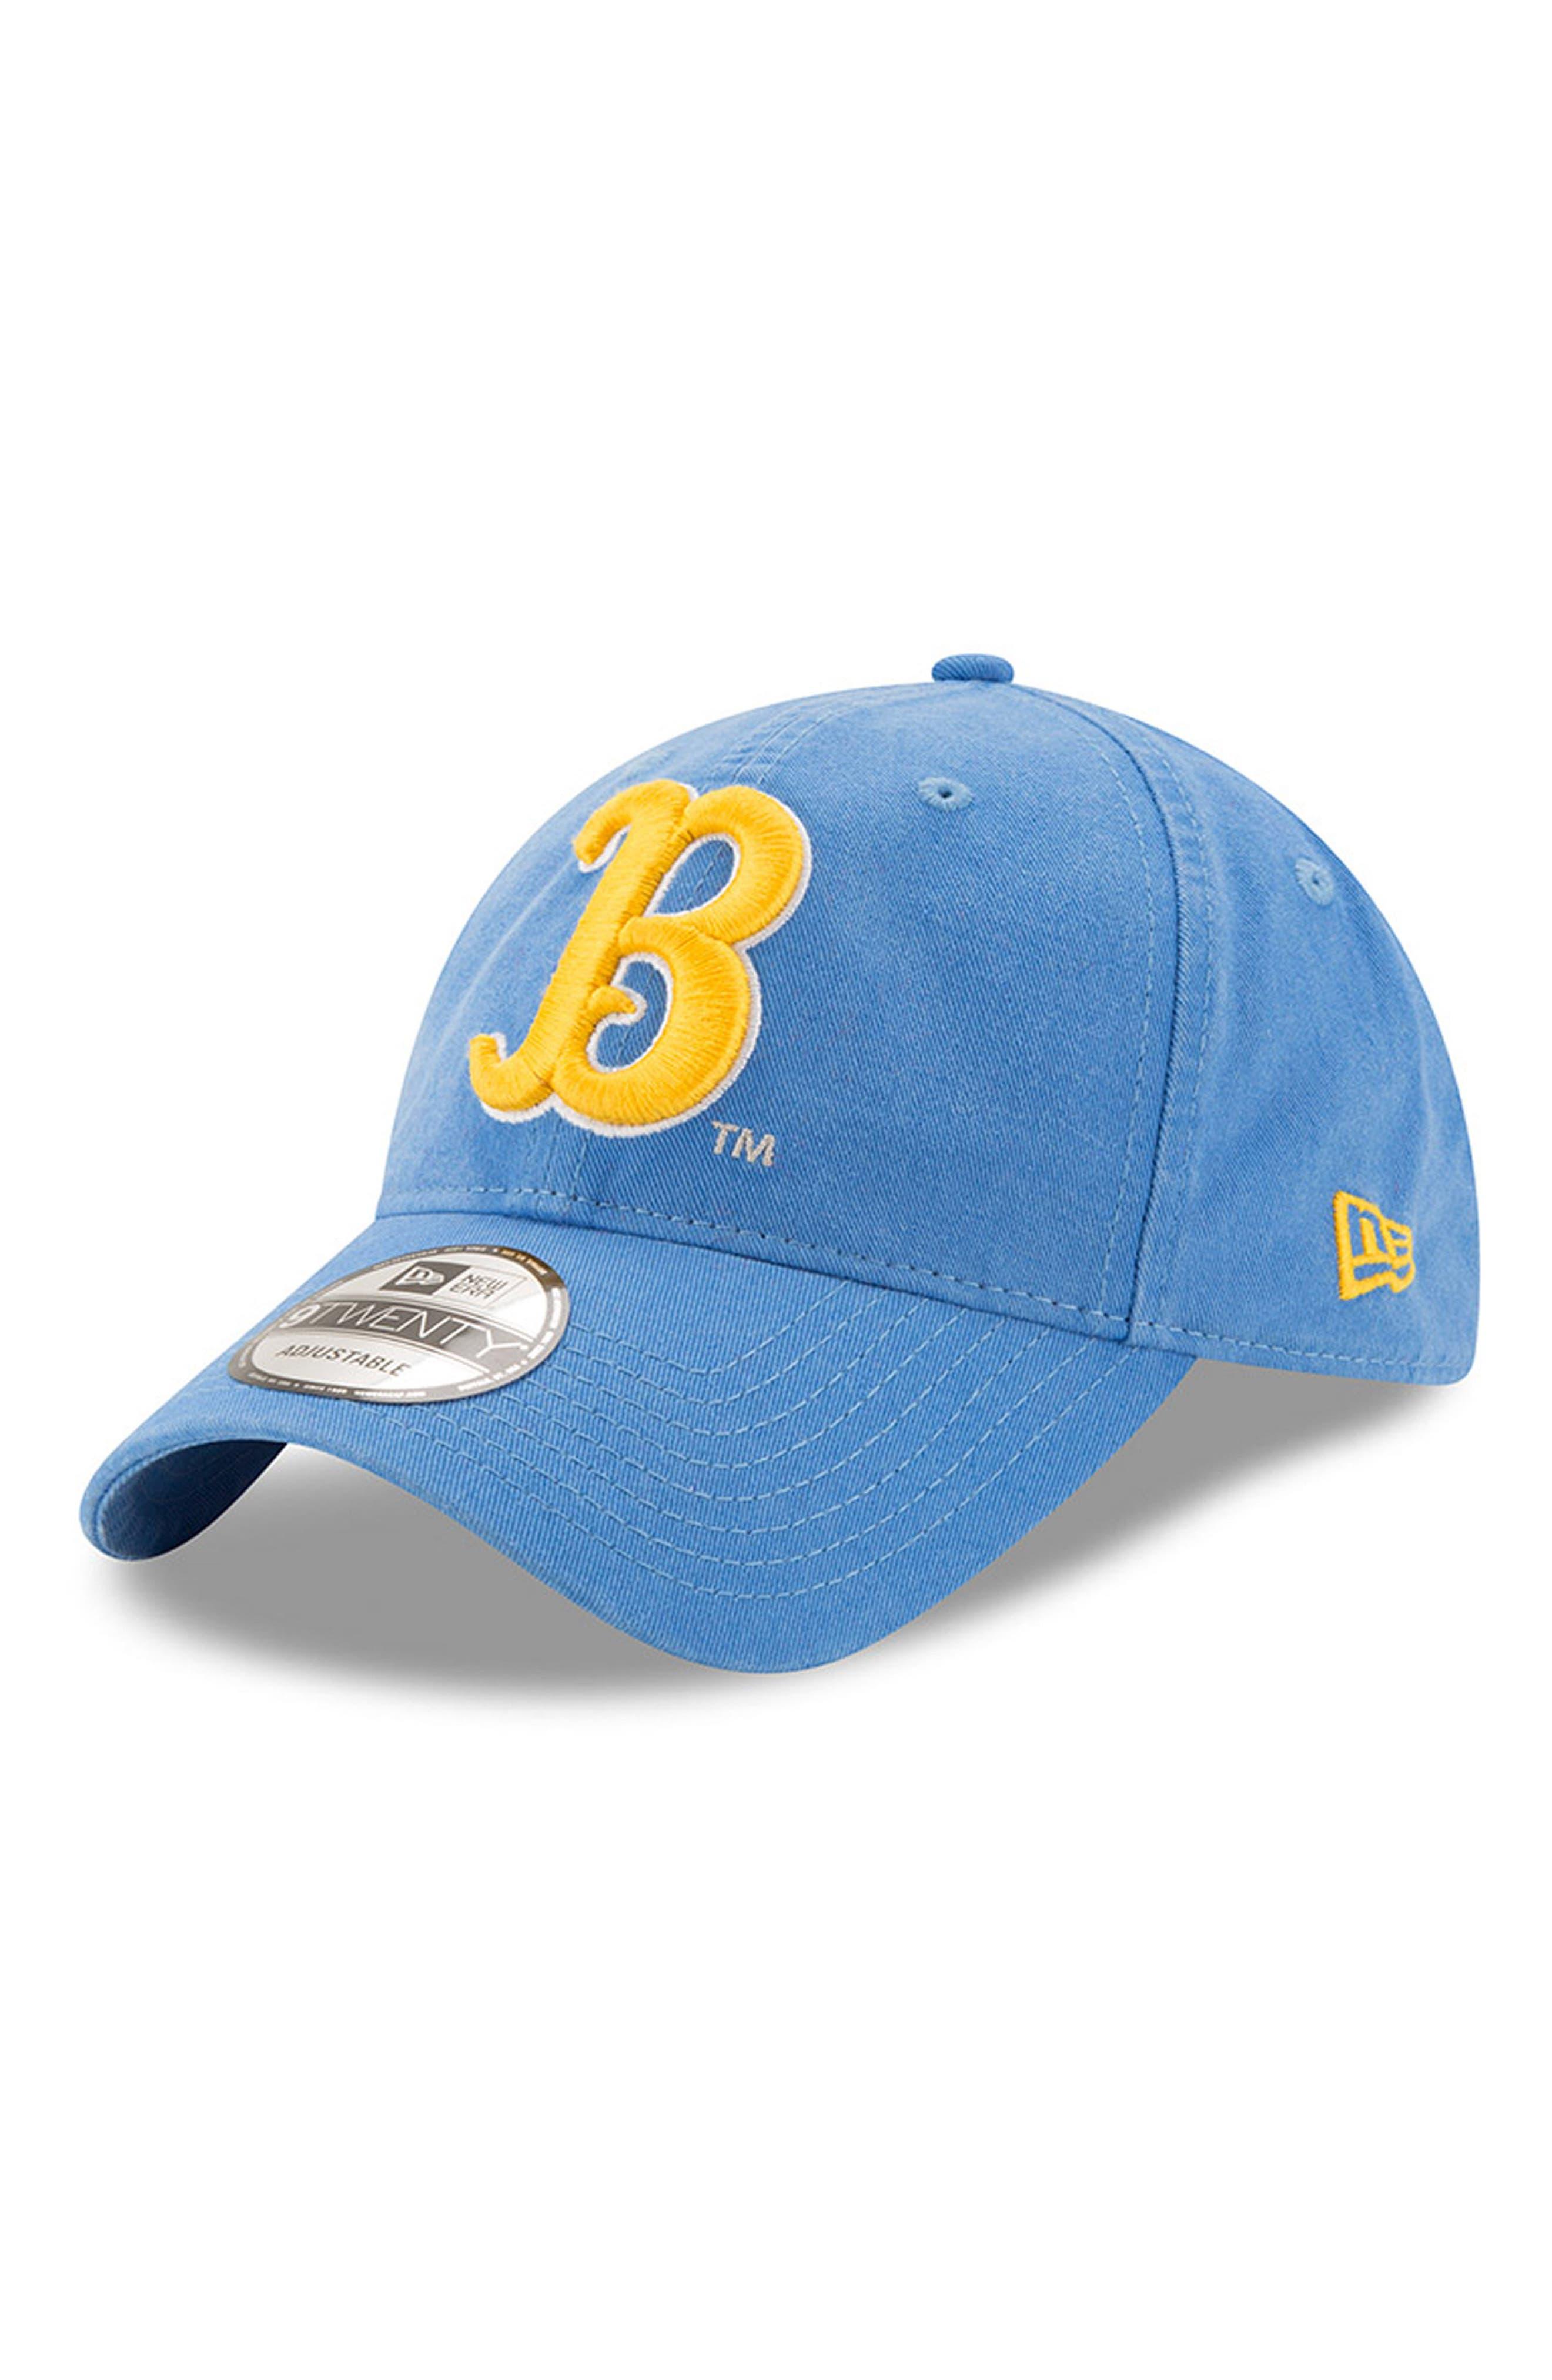 New Era Collegiate Core Classic - UCLA Bruins Baseball Cap